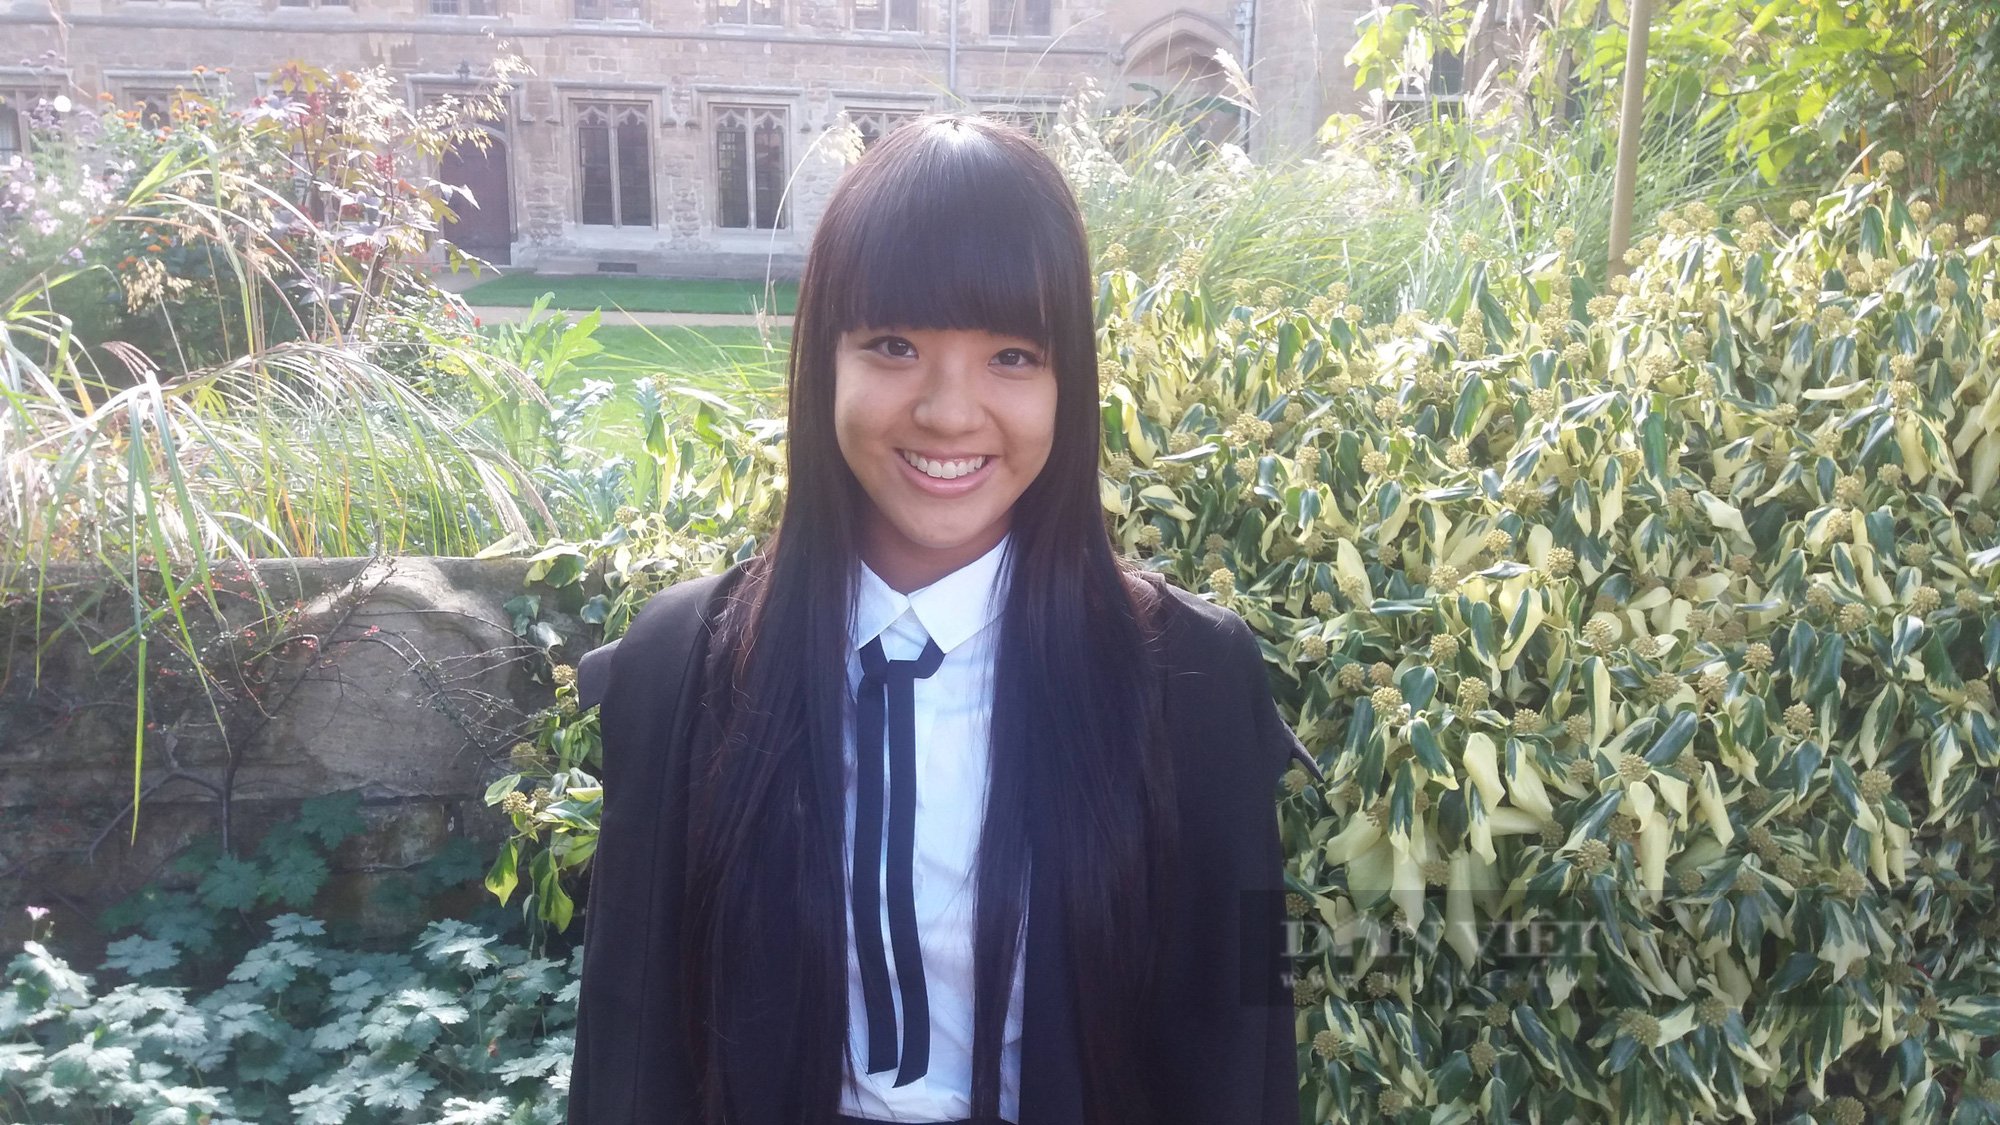 Nữ sinh lọt top 10 sinh viên xuất sắc nhất hãng Rolls-Royce, xinh đẹp và biết 6 thứ tiếng - Ảnh 3.